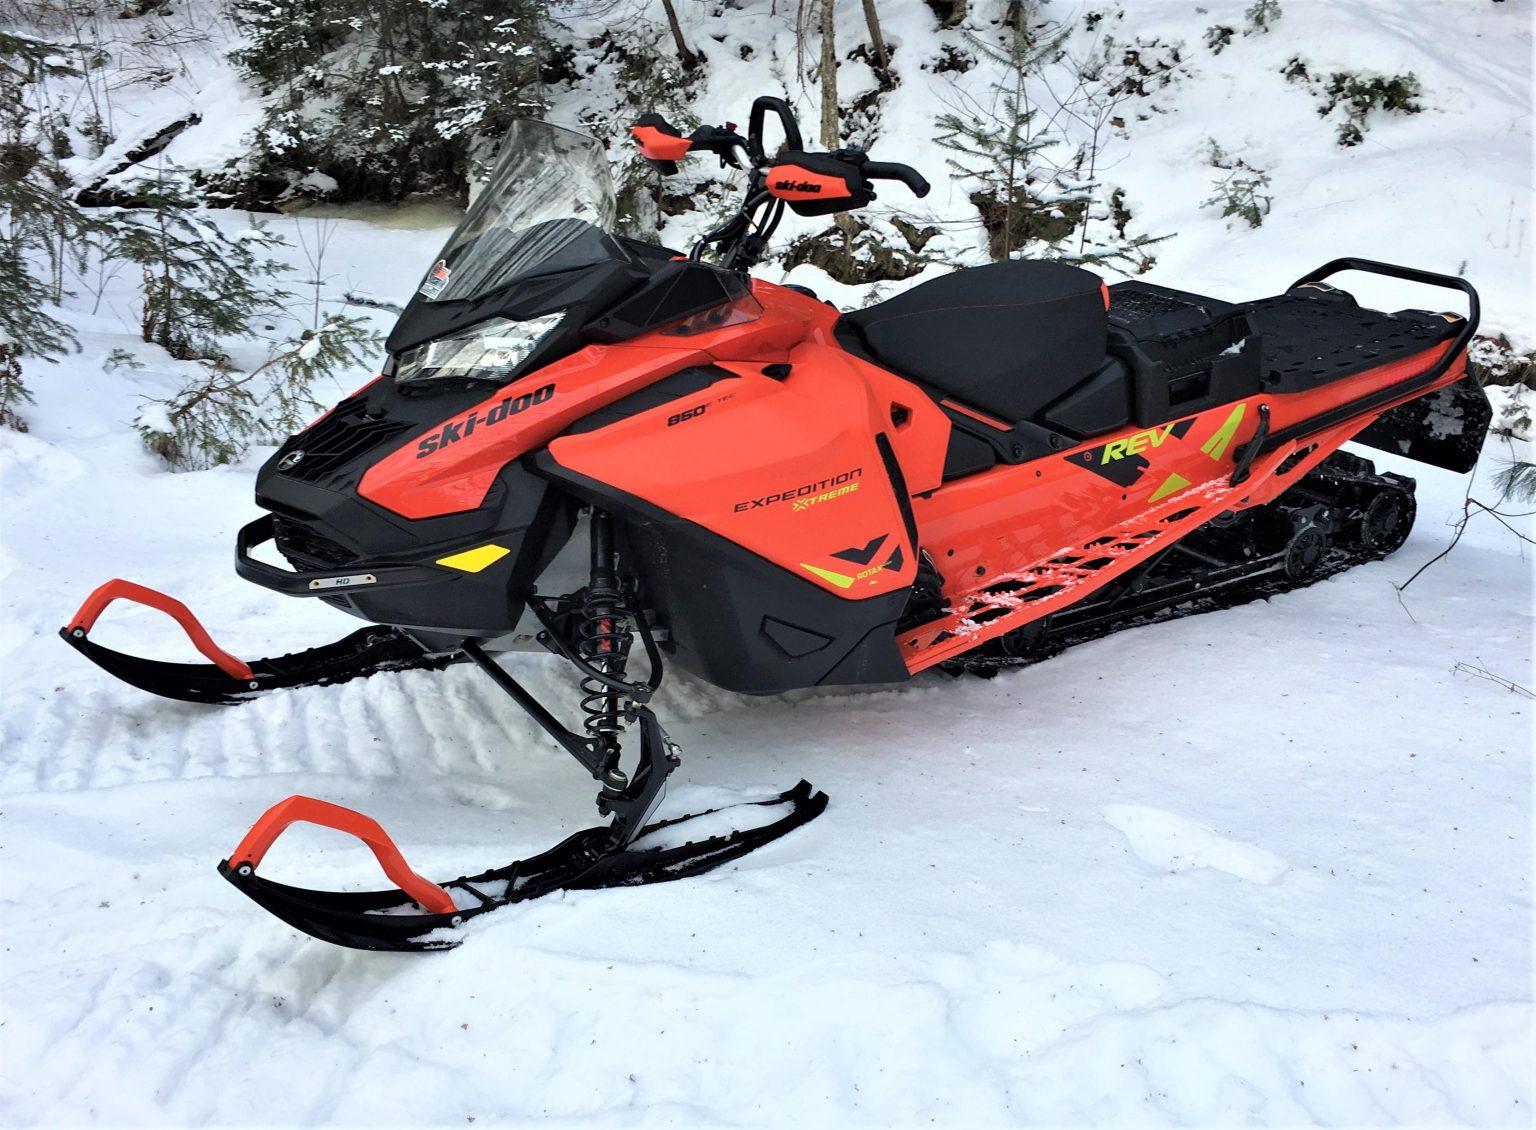 Coup de cœur Ski-Doo de Vincent : Expedition Xtreme